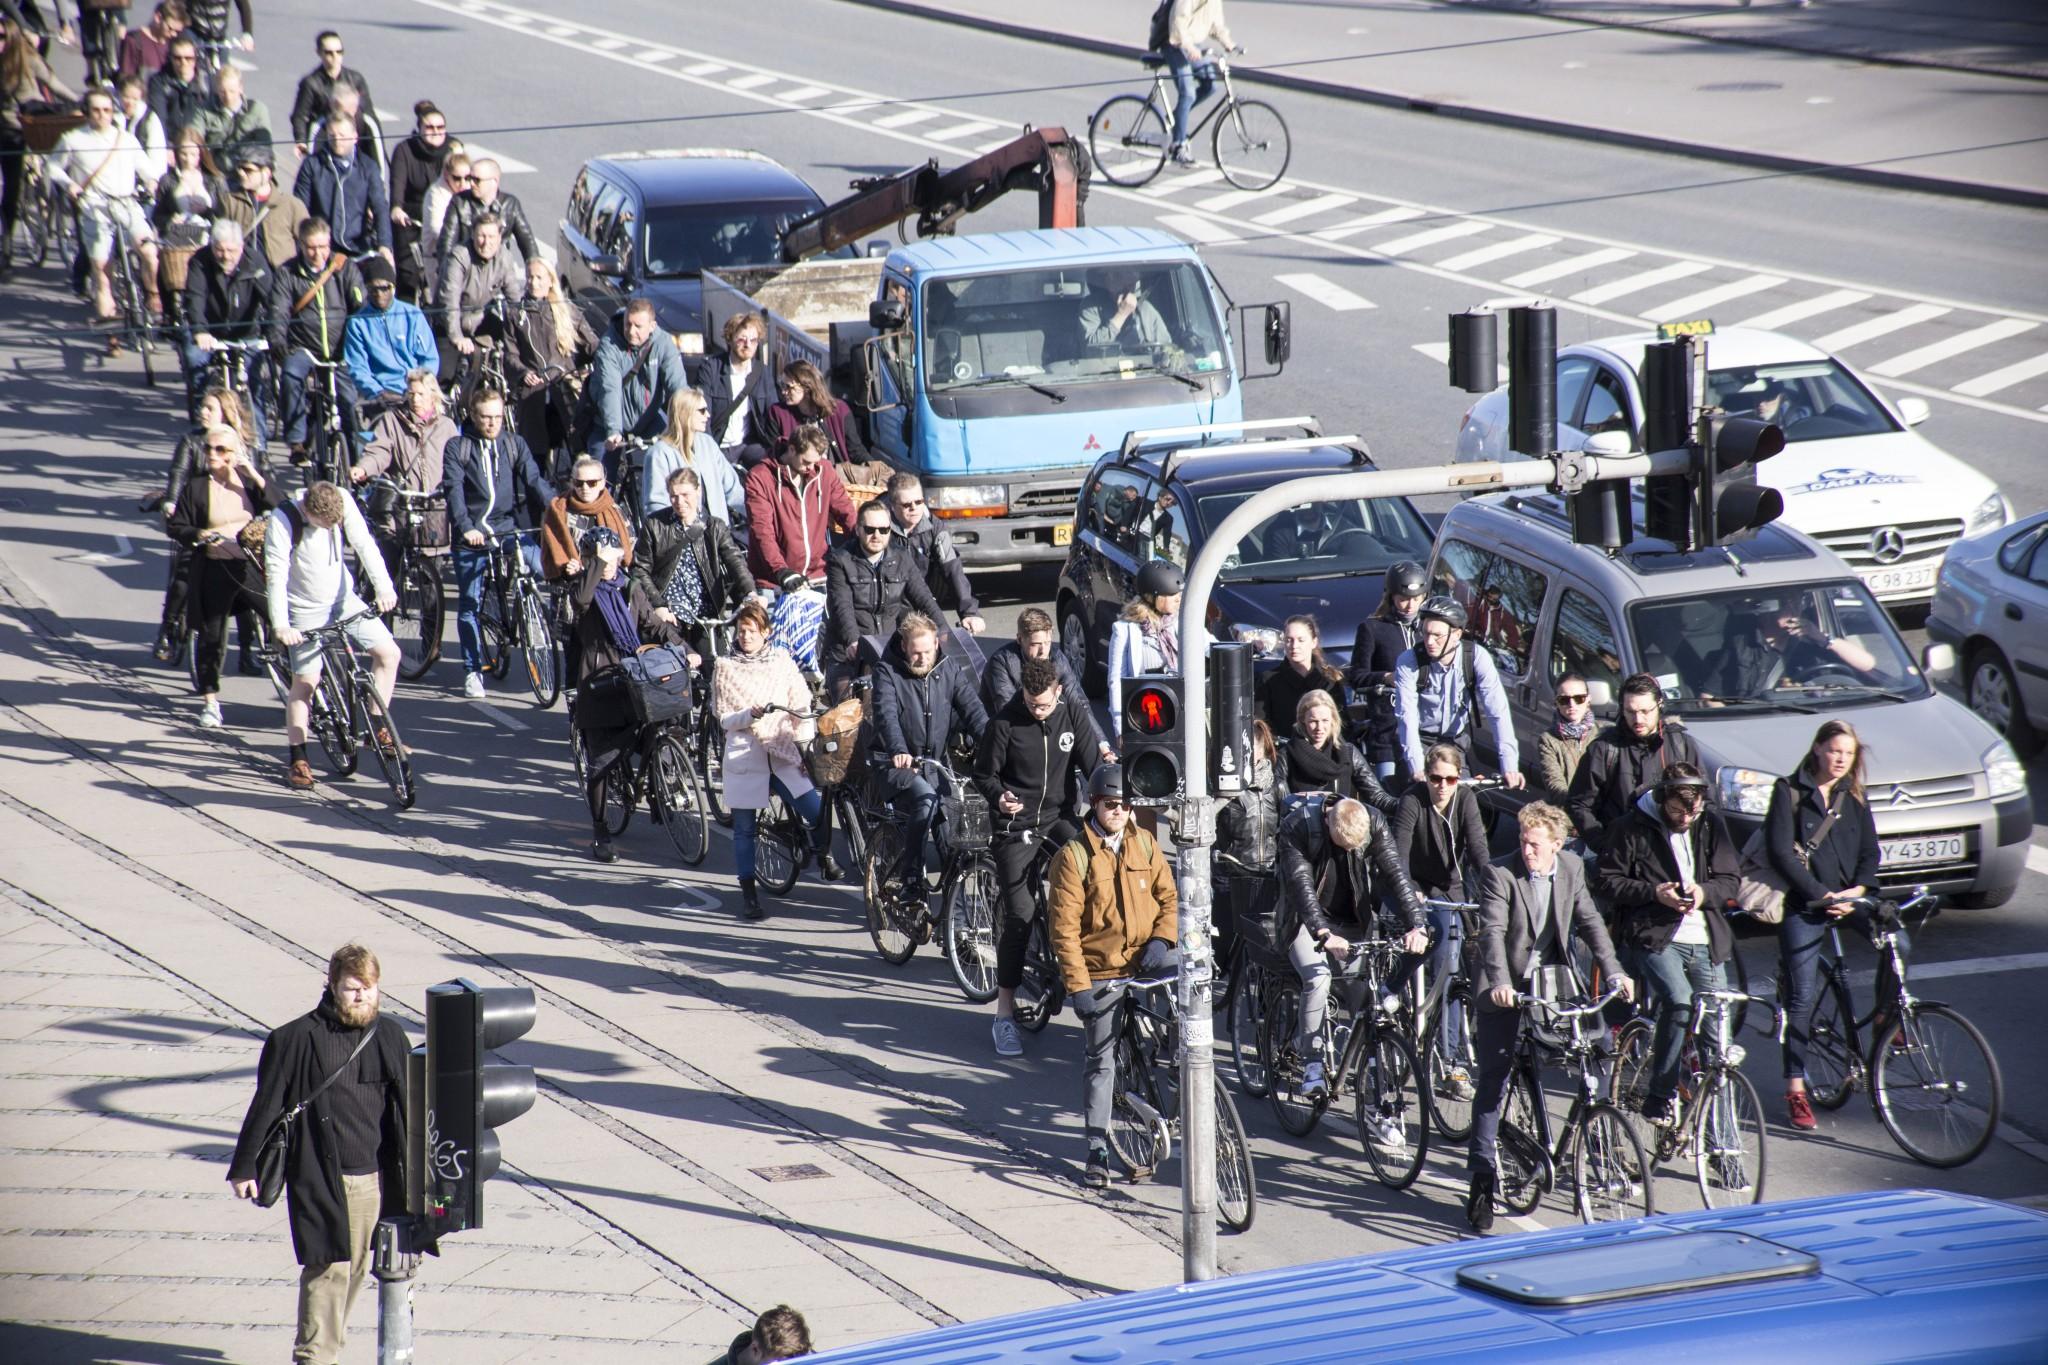 Eine tägliches Problem in Kopenhagen: Fahrradstaus (Bild: Copenhagenize Design Company)